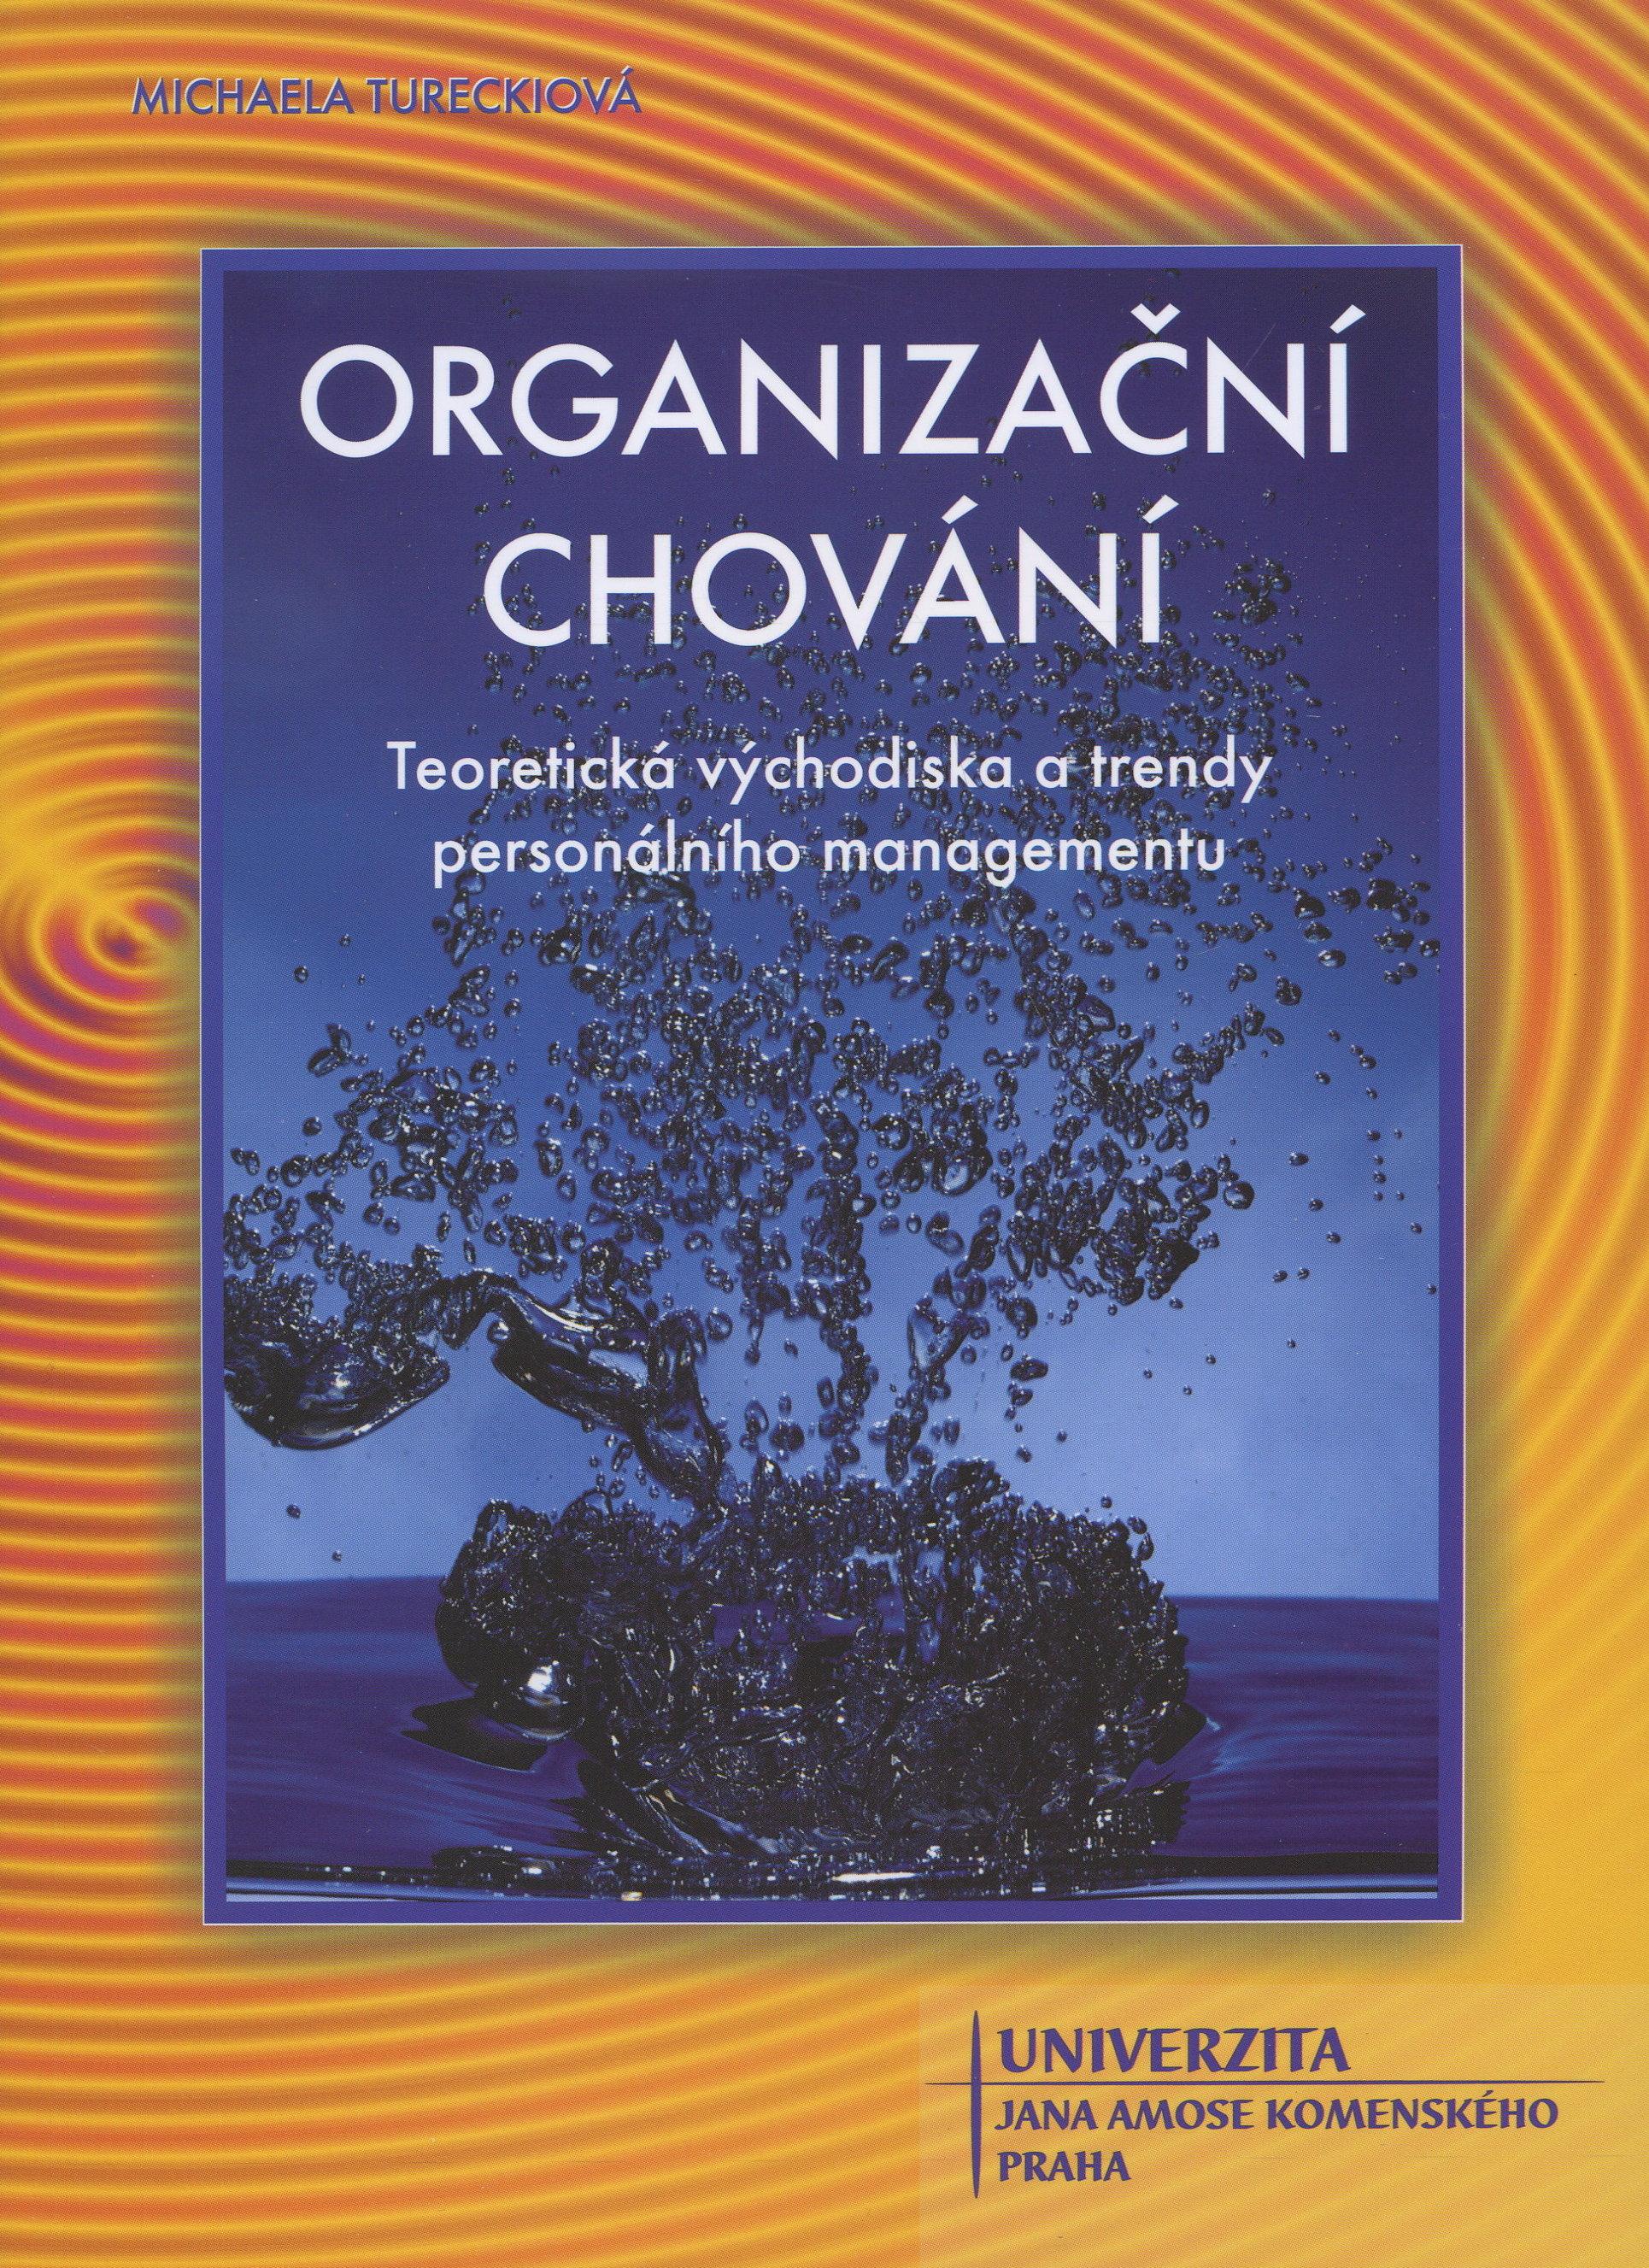 Organizační chování - Teoretická východiska a trendy personálního managementu